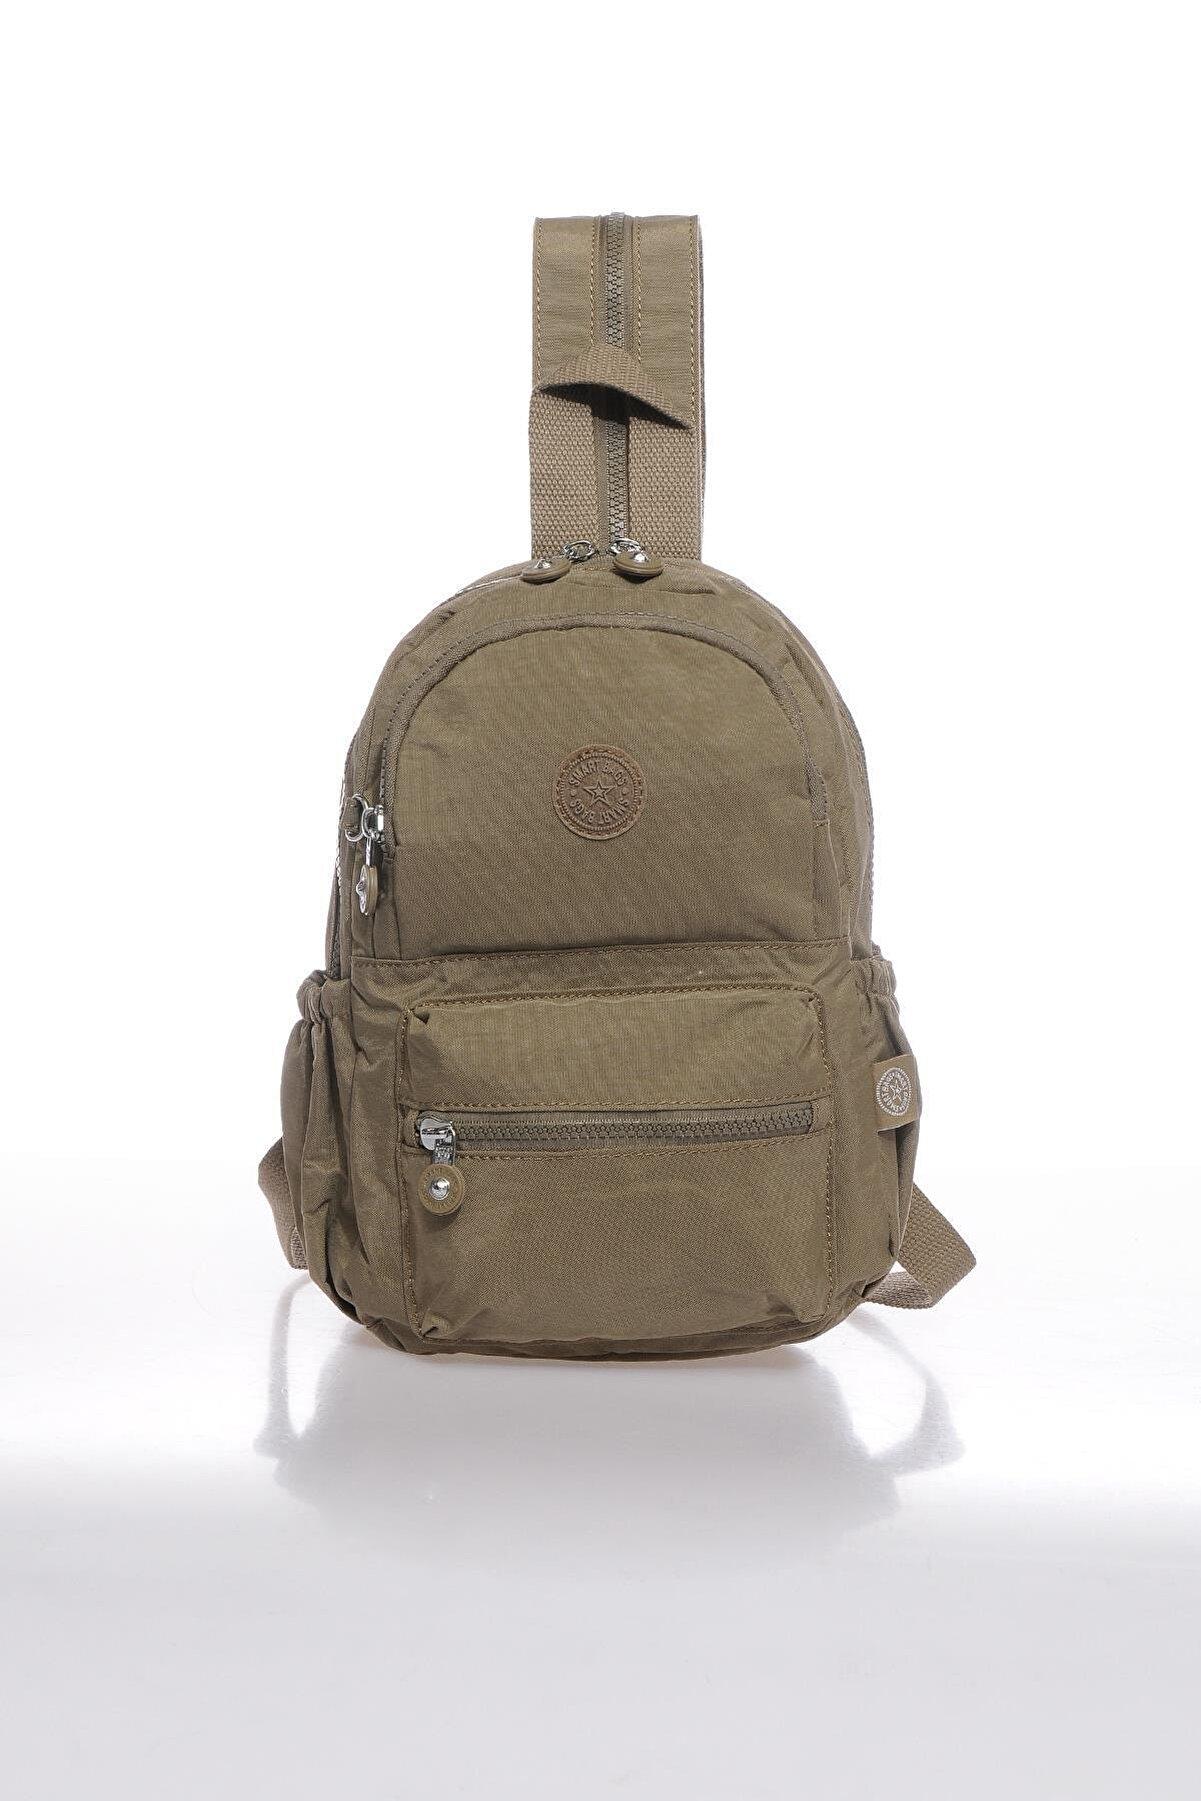 Smart Bags Kadın Kahverengi Küçük Sırt Çantası Smbk1030-0007